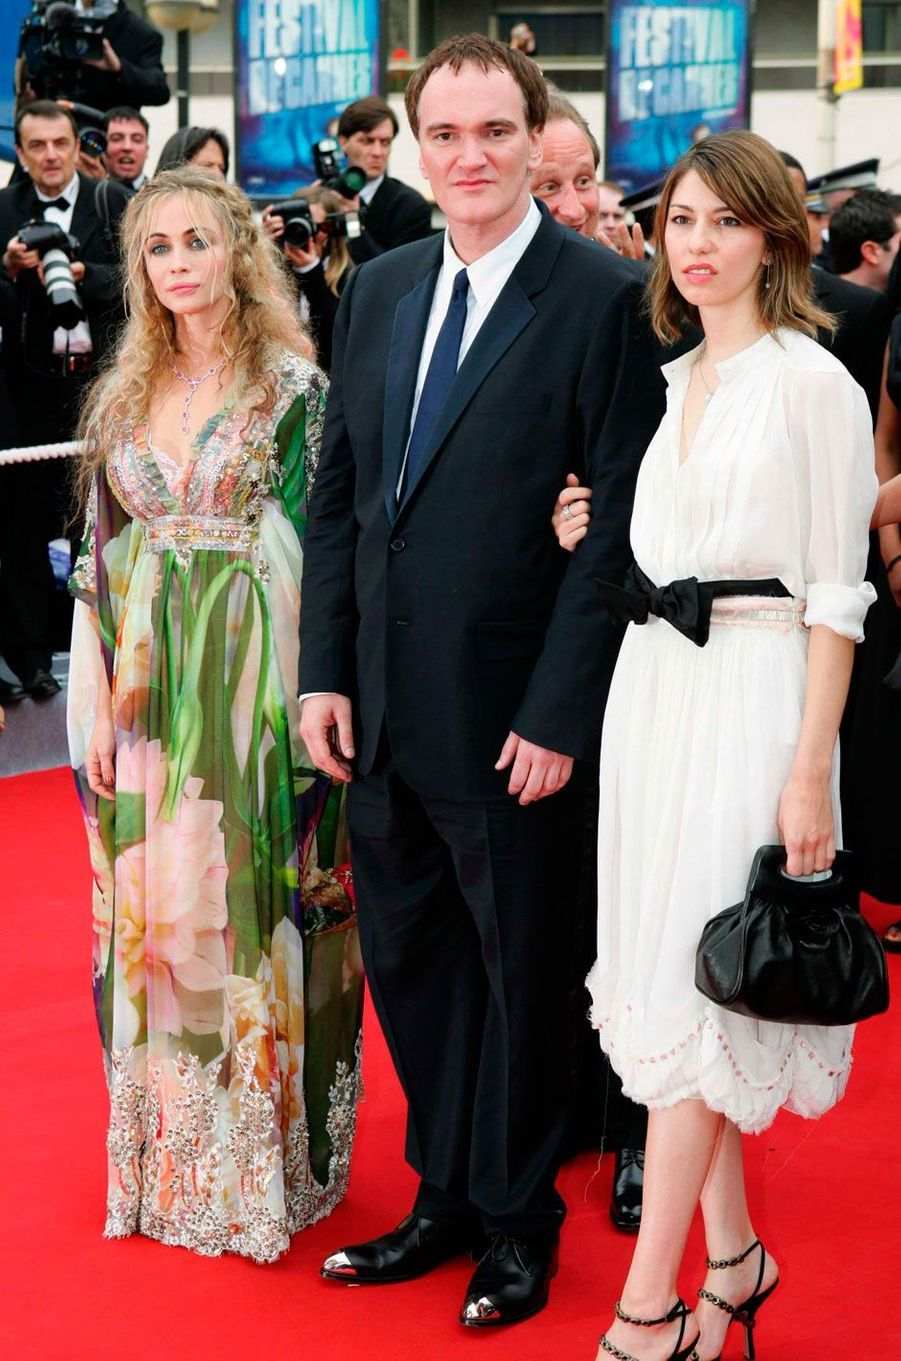 Le 12 mai 2004, lors de la montée des marches du film «Bad Education» de Pedro Almodovar, Quentin Tarantino, Emmanuelle Béart et Sofia Coppola, membres du jury.